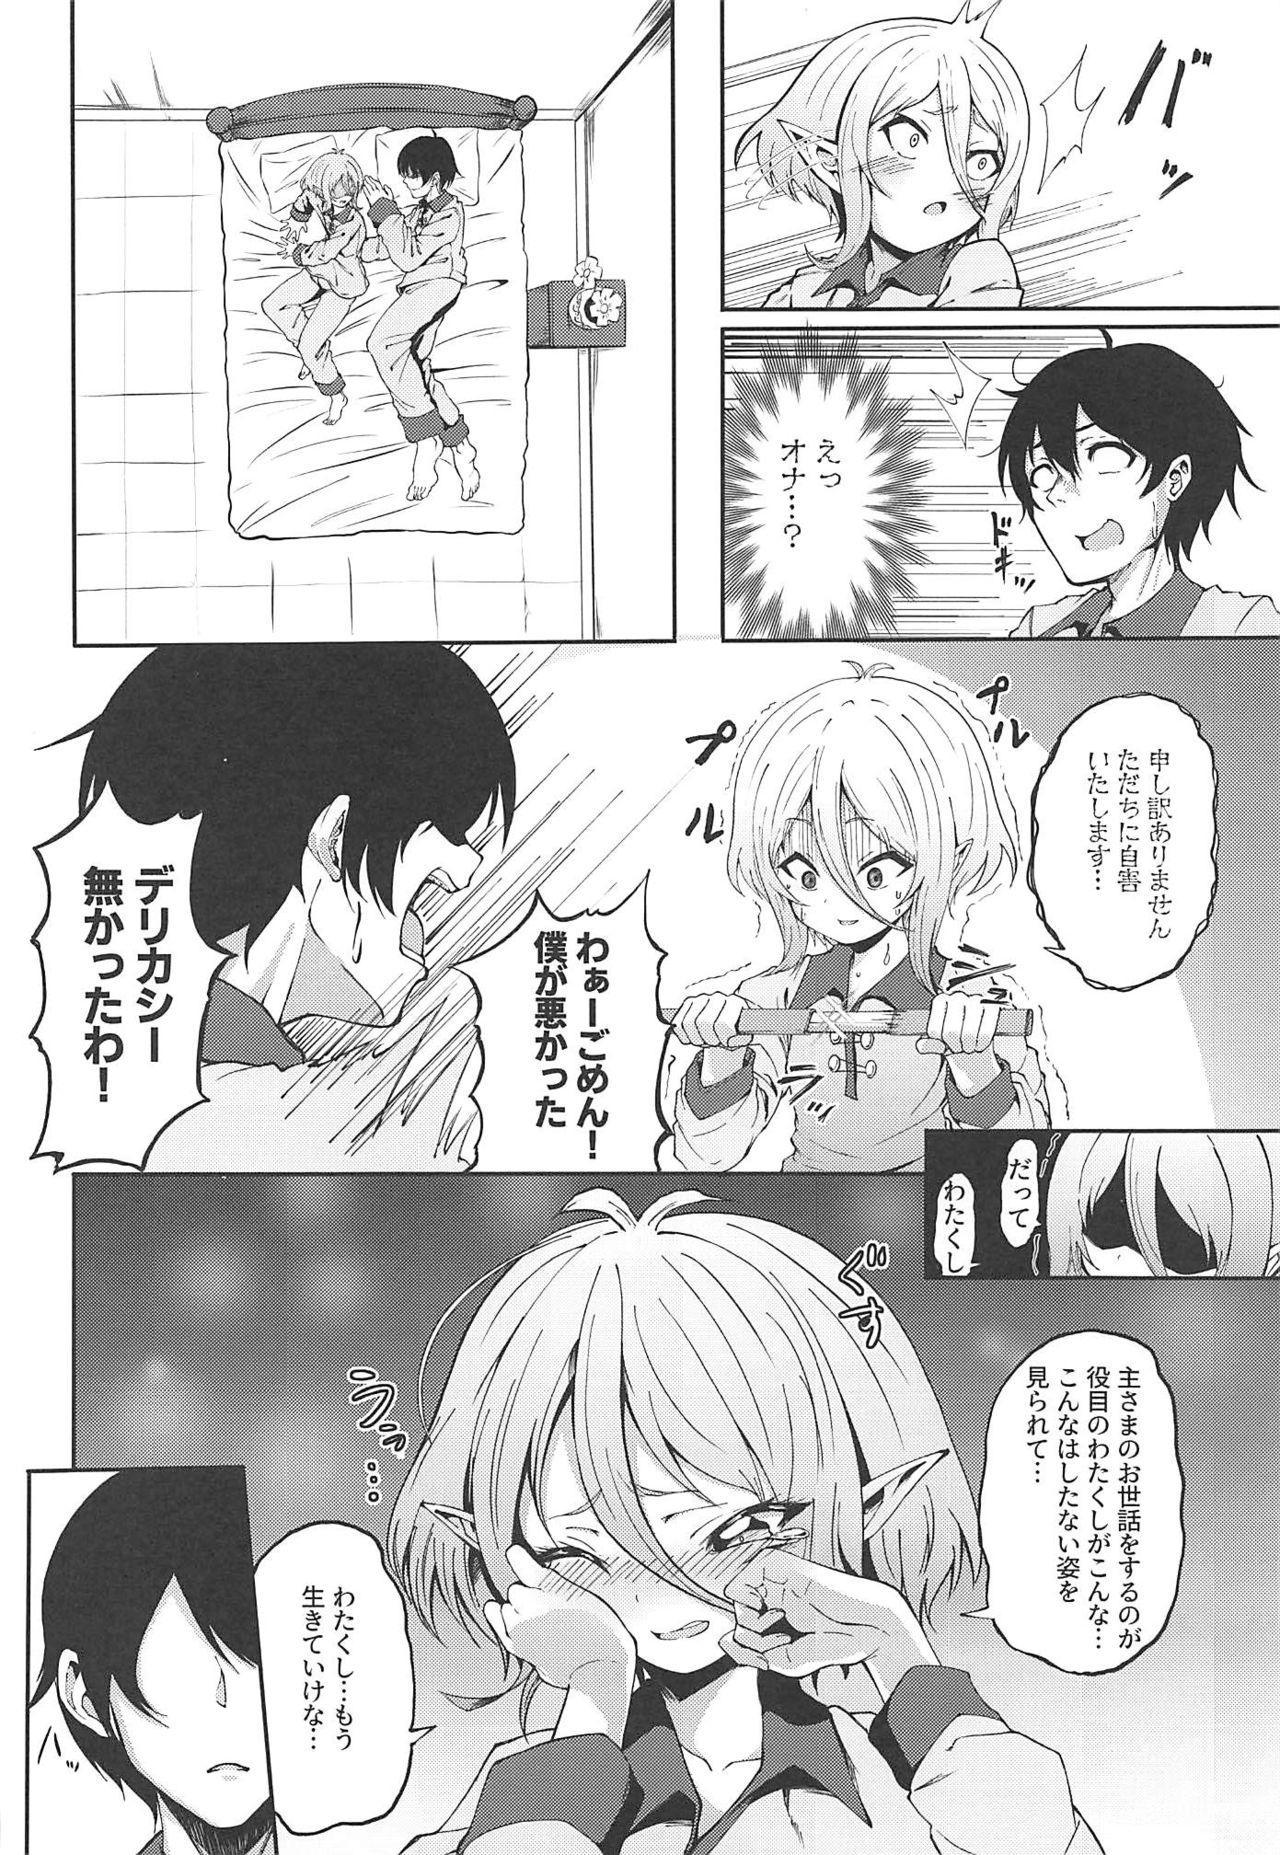 Kokkoro-chan no Seiyoku Kaika 4